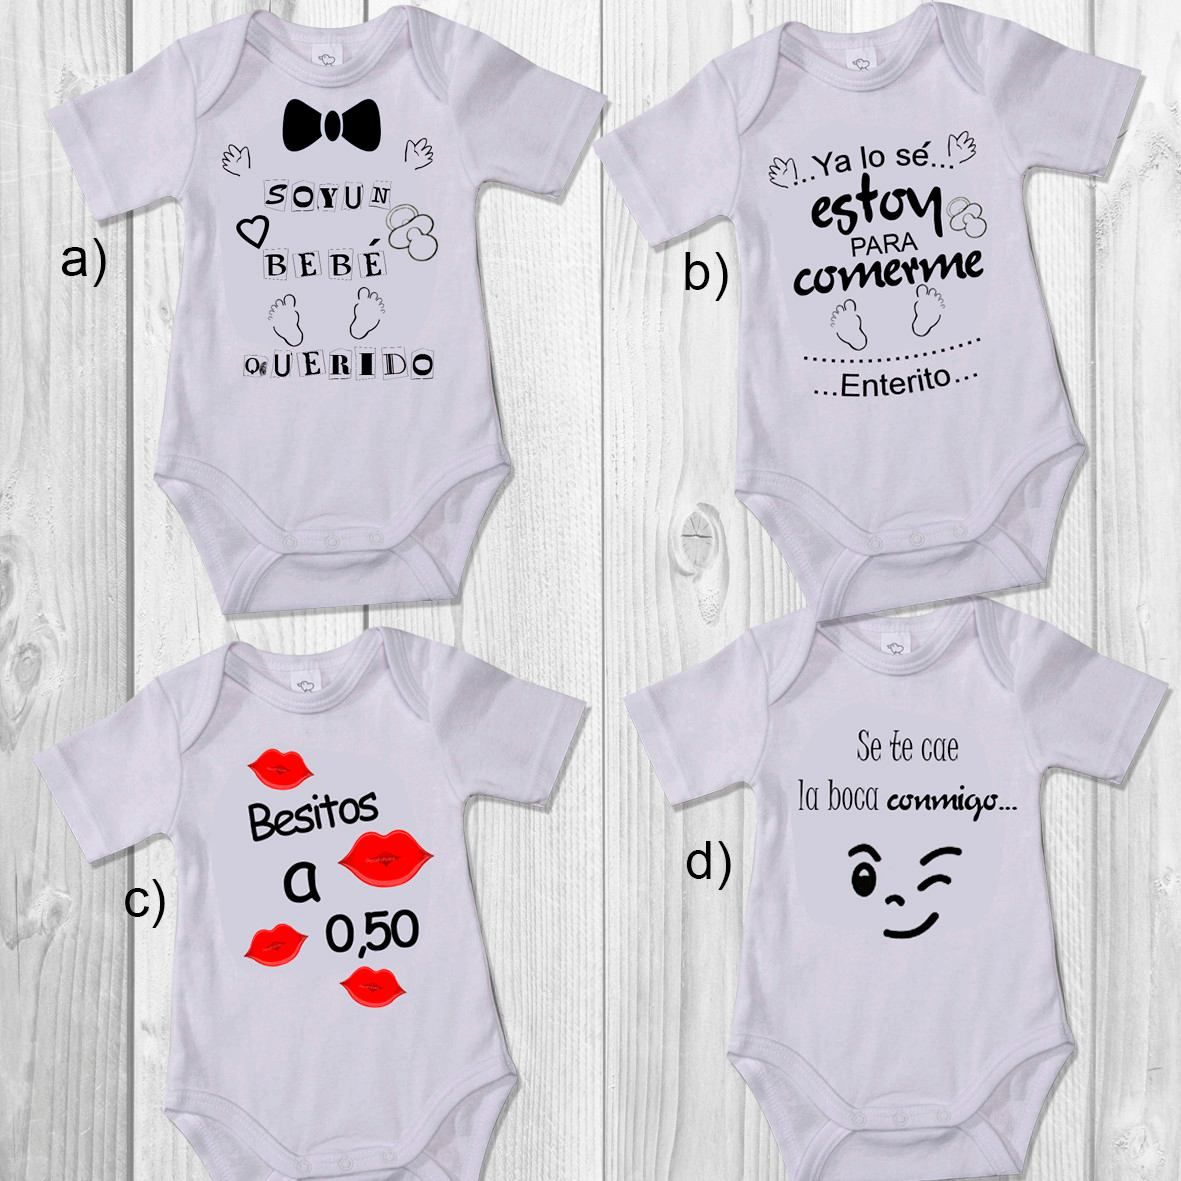 2a2e20455 Bodys Personalizados Para Bebés De 0 A 24 Meses - Bs. 25.000